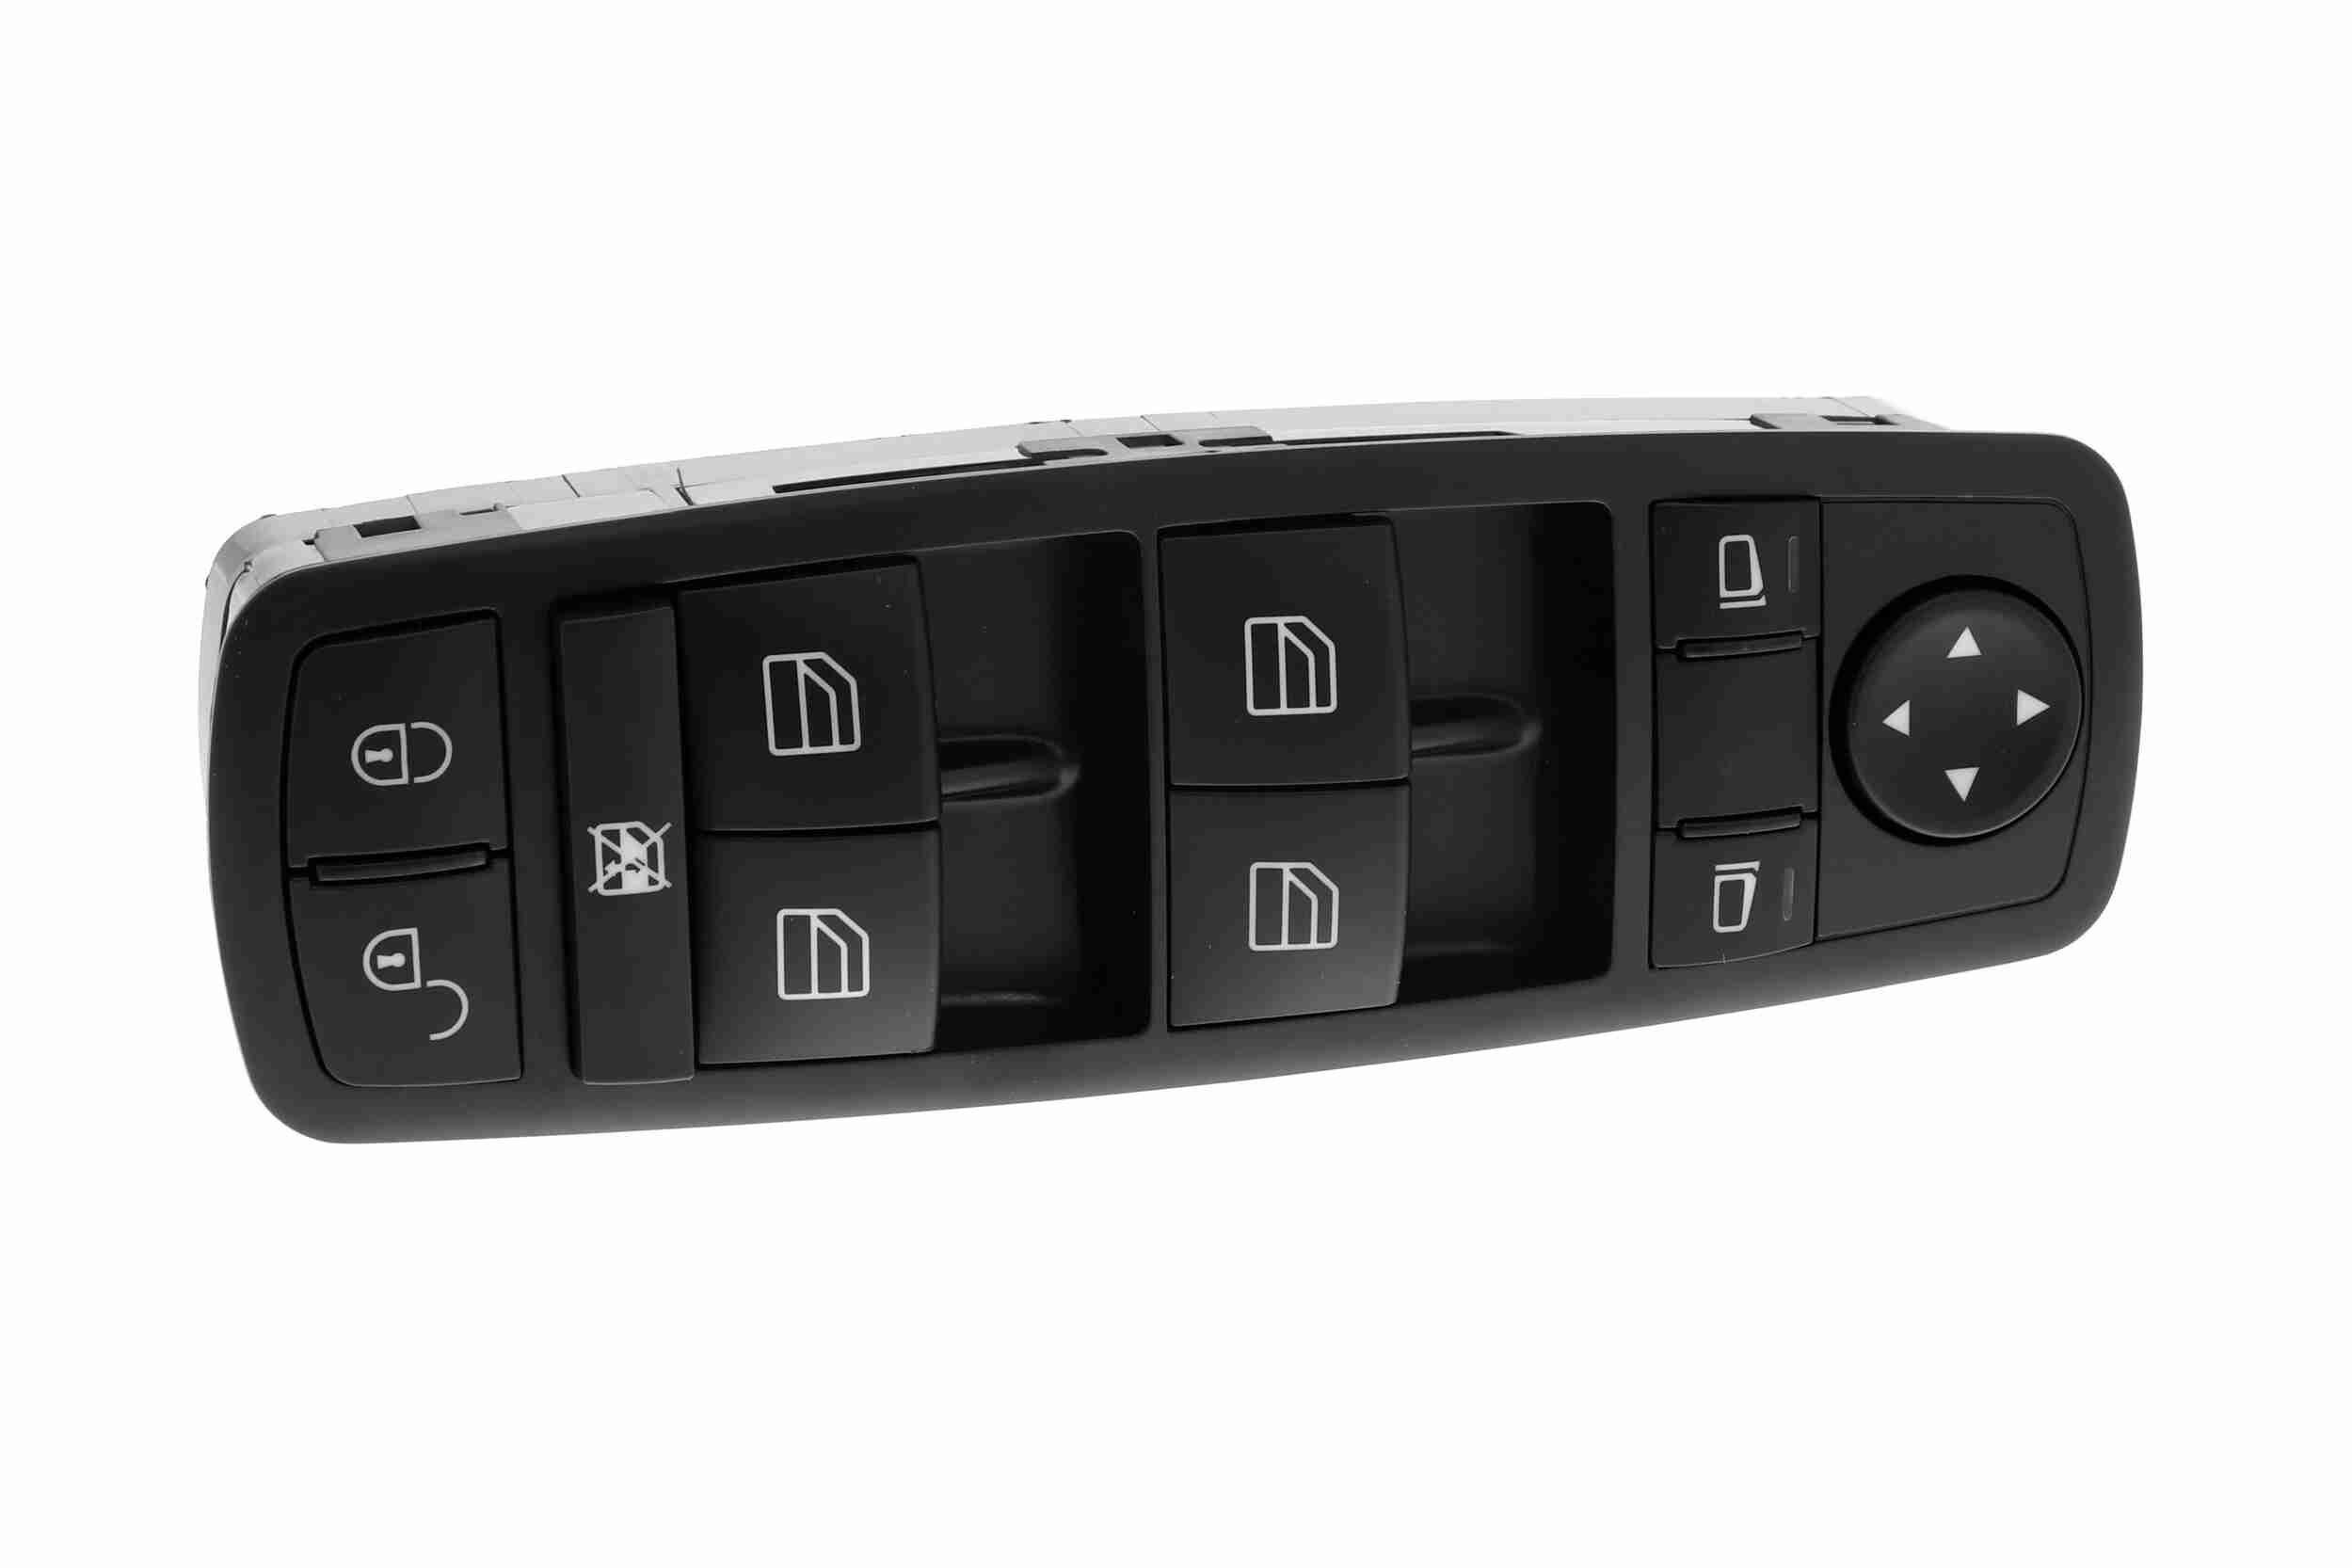 Original Interieur & comfort V30-73-0231 Mercedes